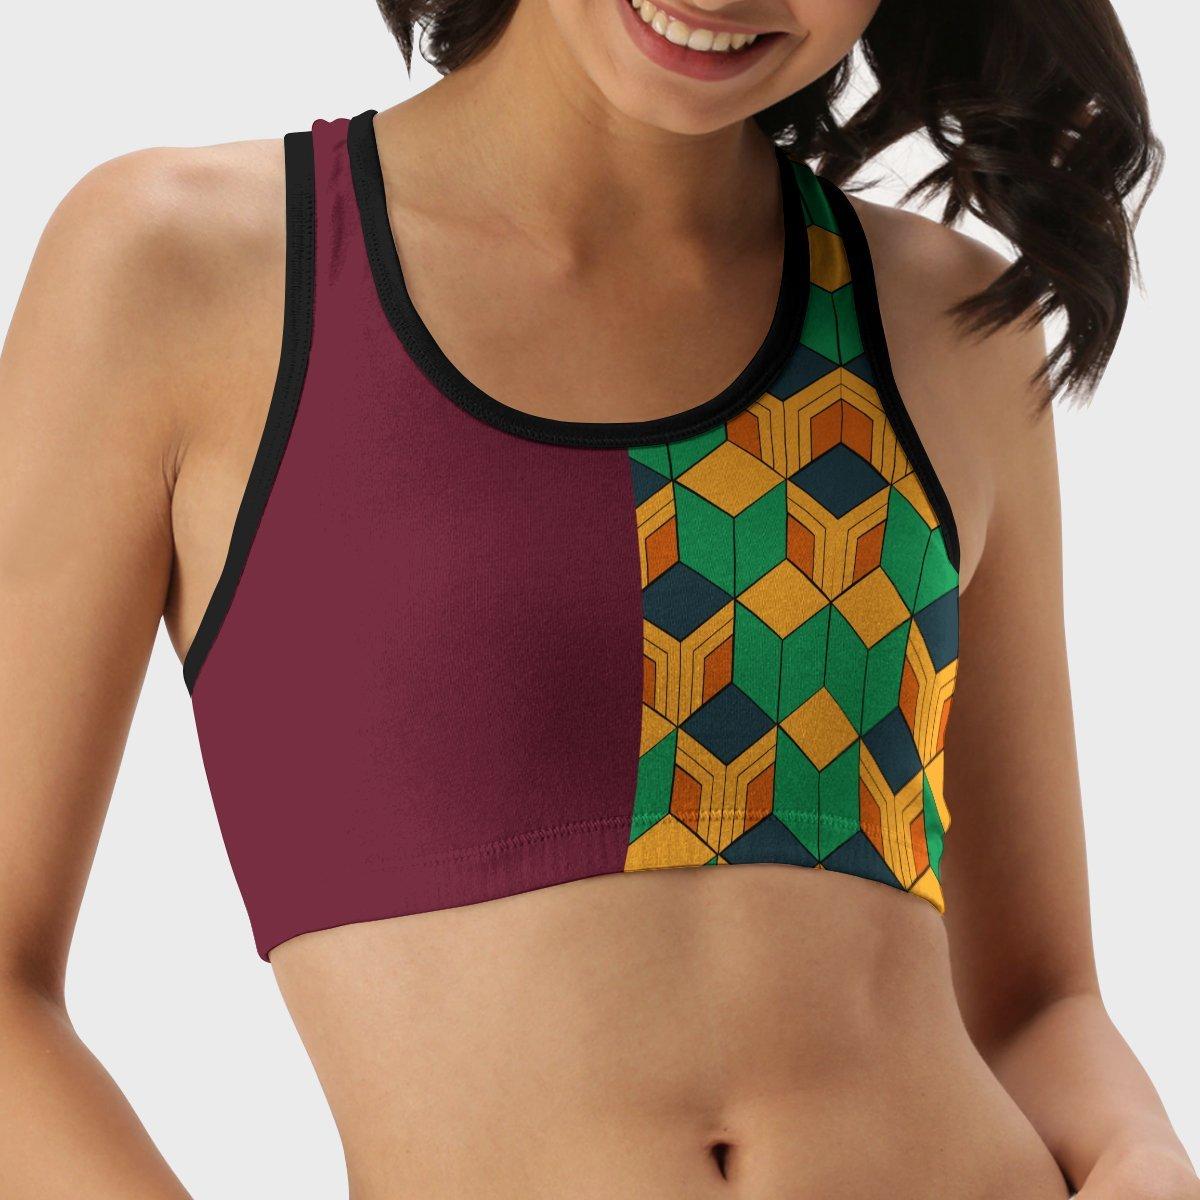 summer giyu active wear set 770391 - Anime Swimsuits